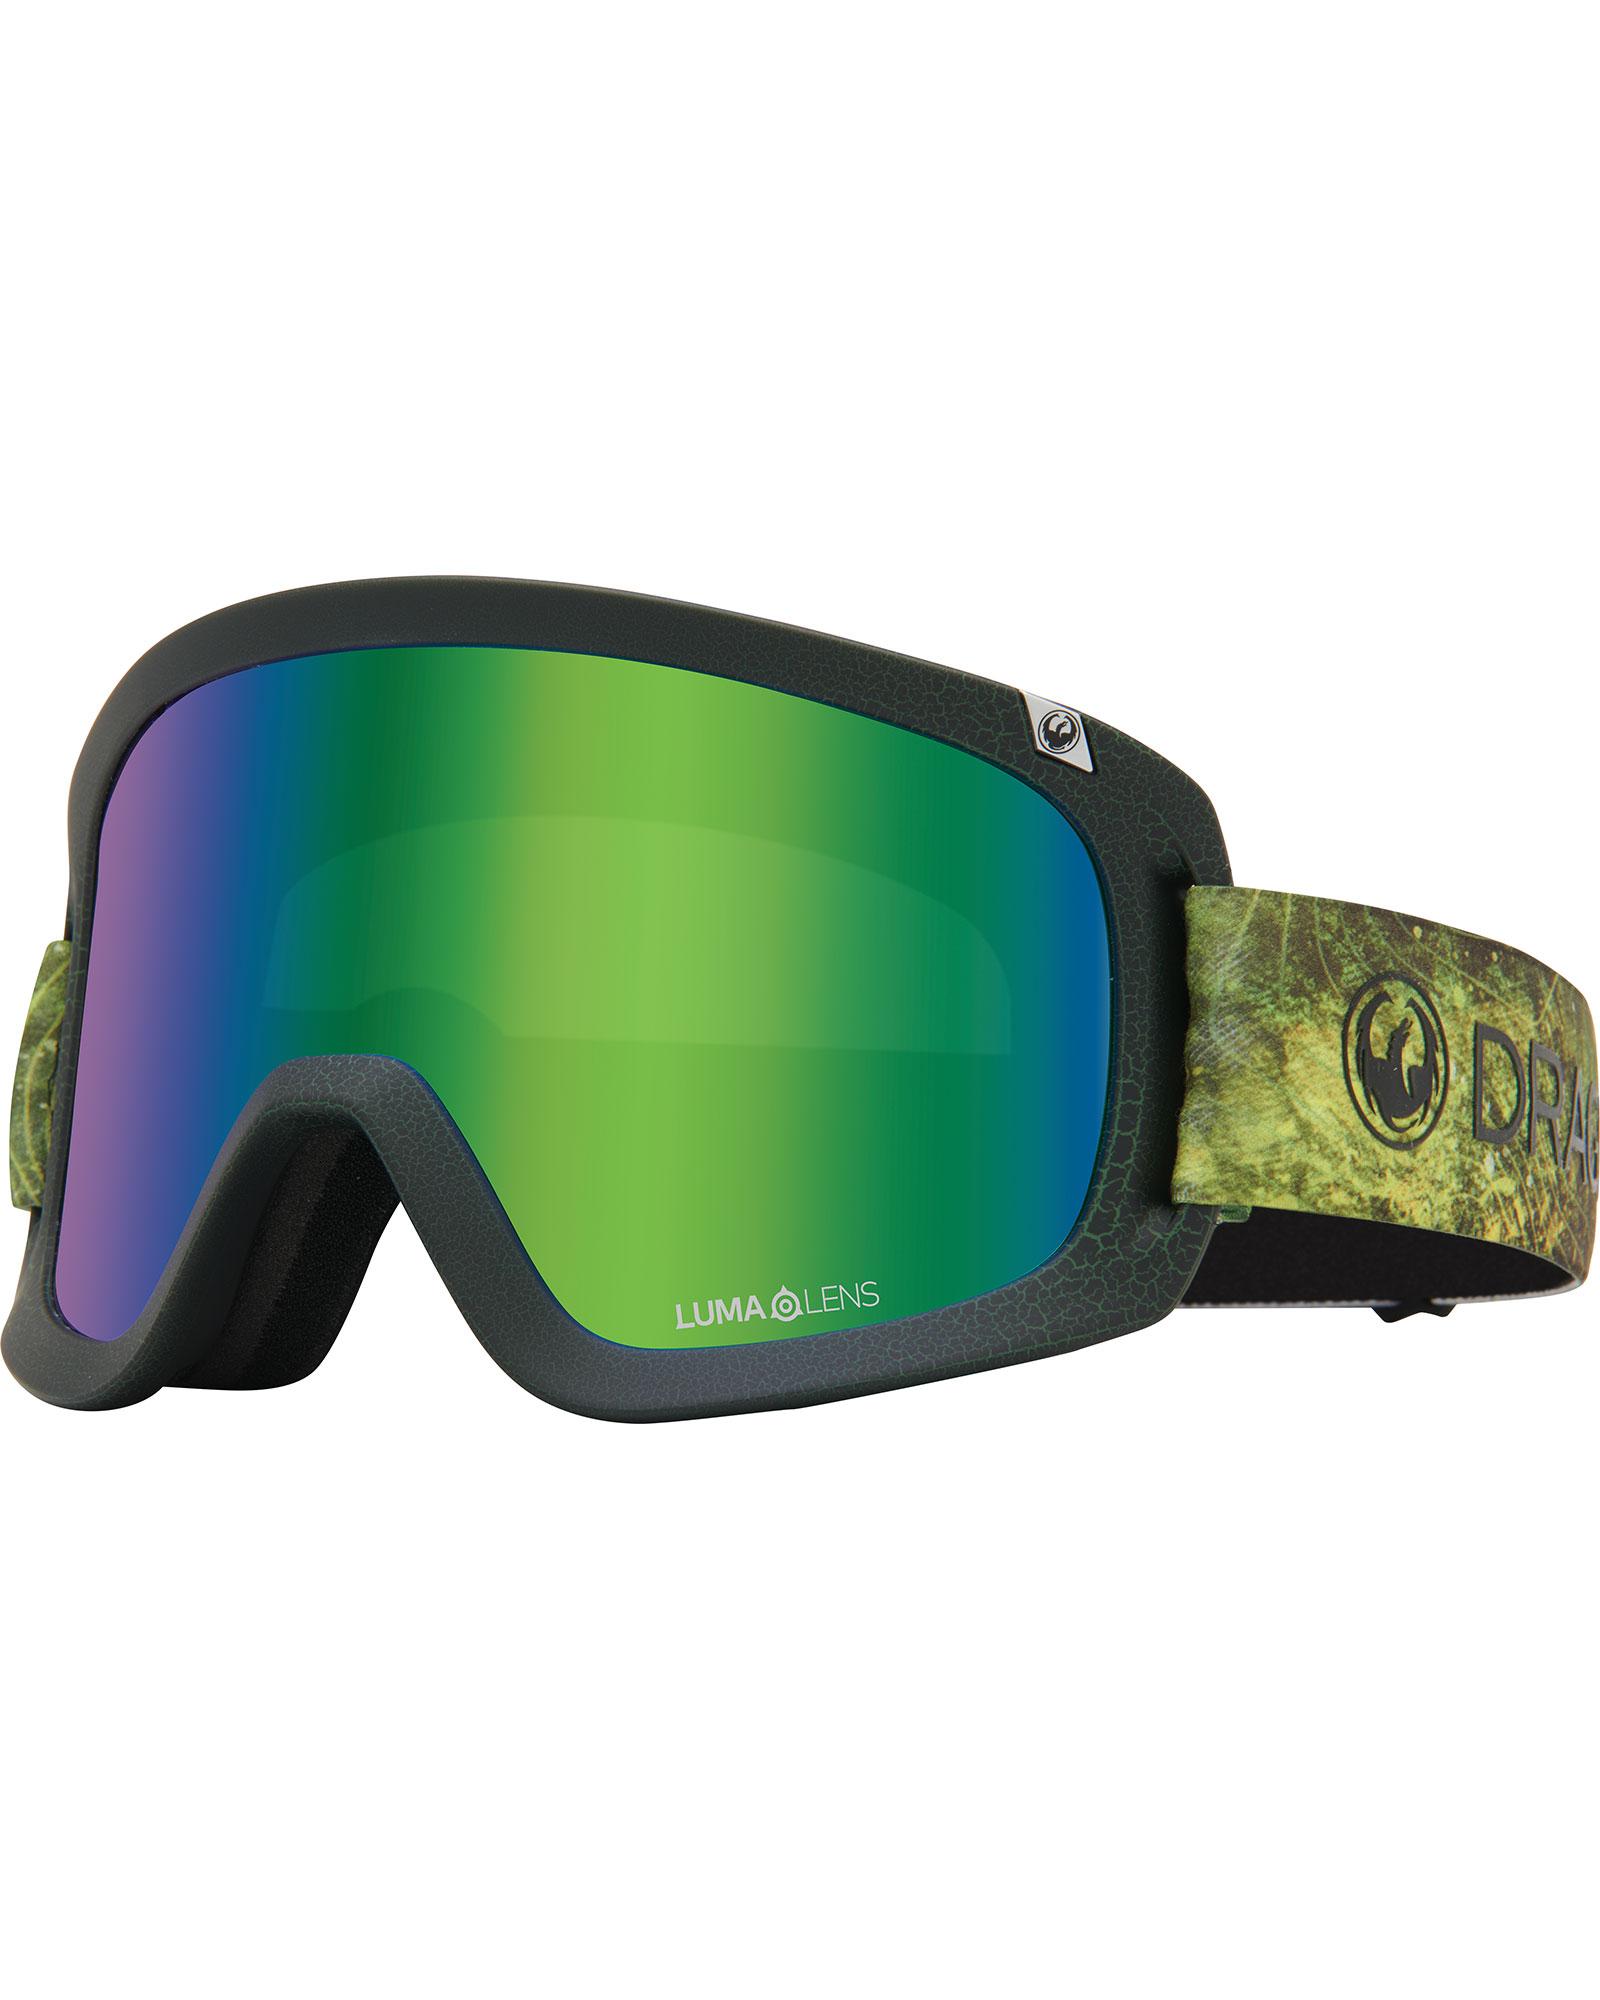 Dragon D1 Terra Firma / Lumalens Green Ionized + Lumalens Amber Goggles 2020 / 2021 0